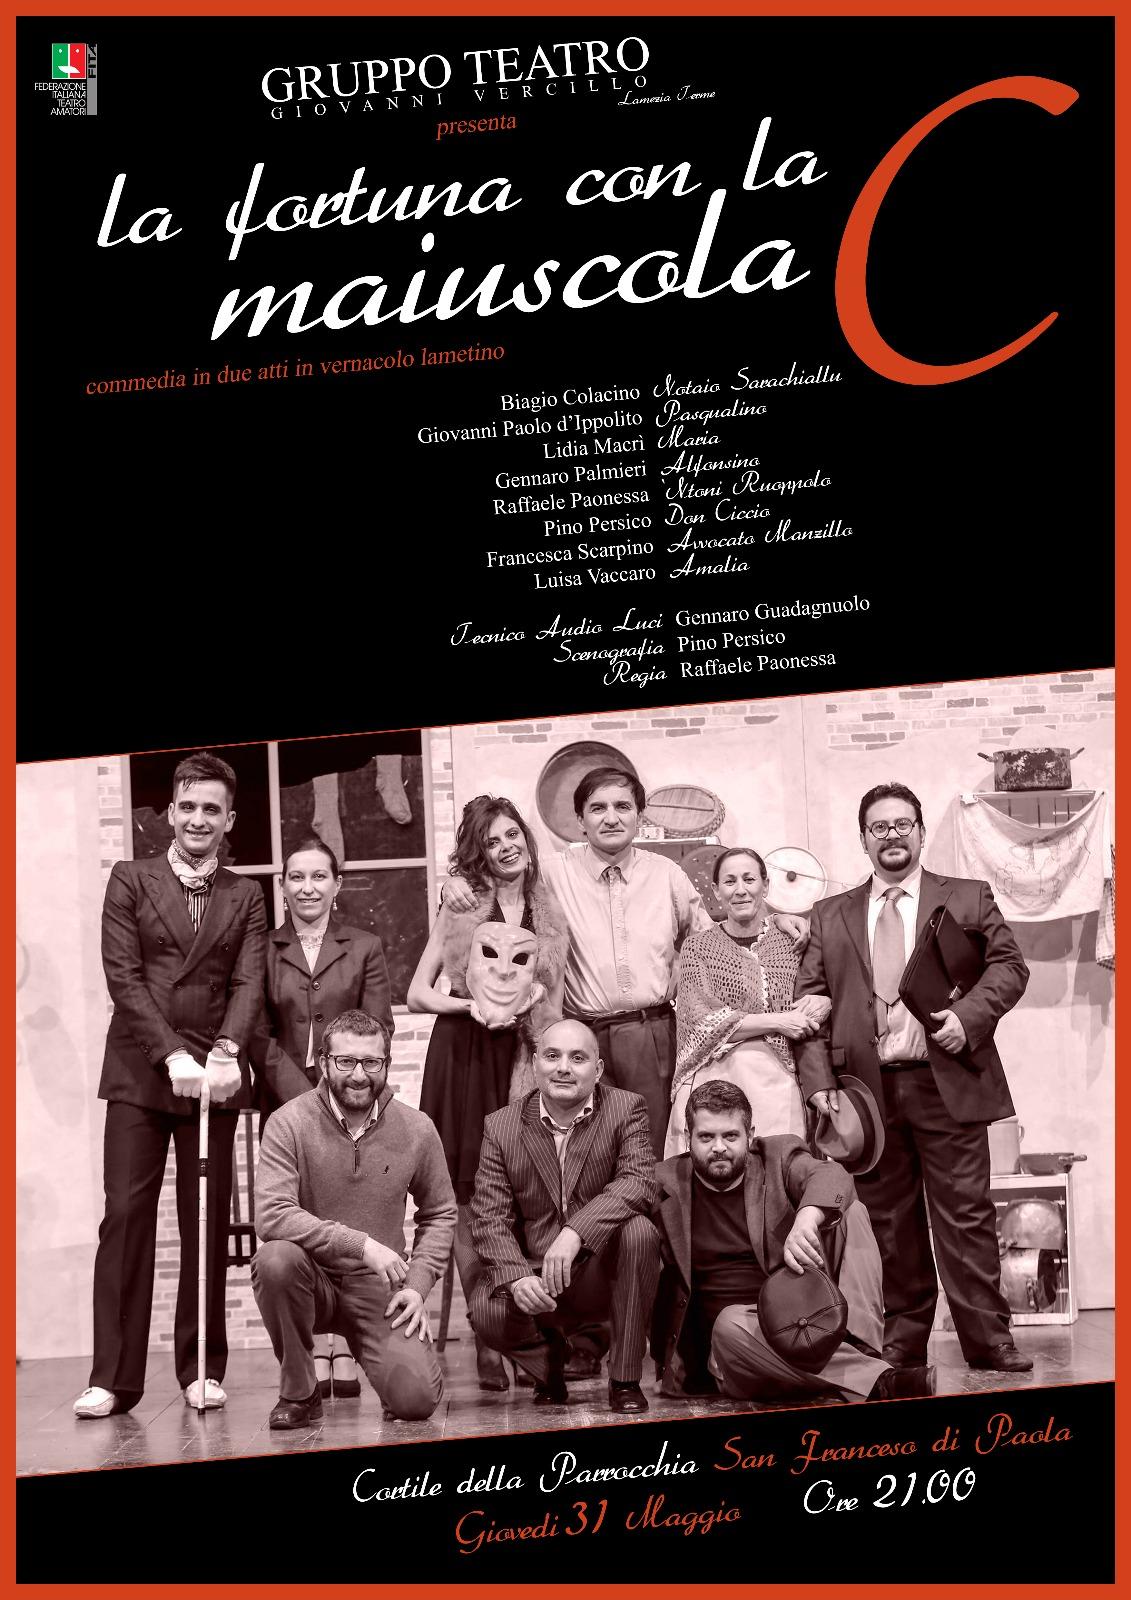 Il Gruppo teatrale G. Vercillo rende onore a San Francesco da Paola